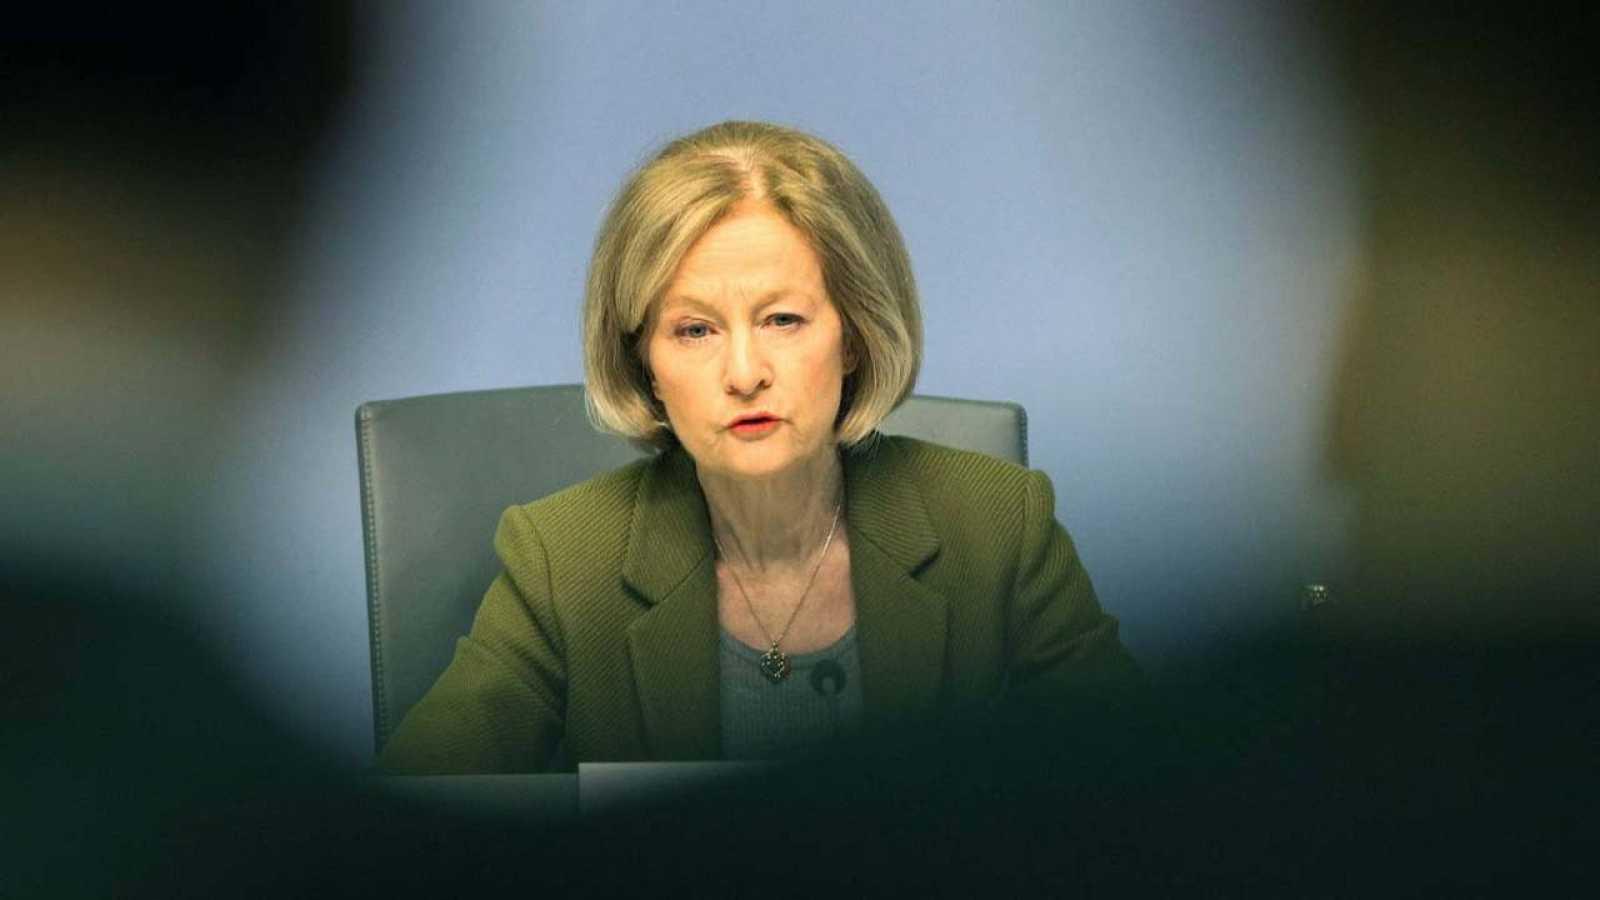 La presidenta del órgano supervisor bancario del BCE, Danièle Nouy, durante la presentación a los medios de comunicación del informe anual de supervisión en Fráncfort